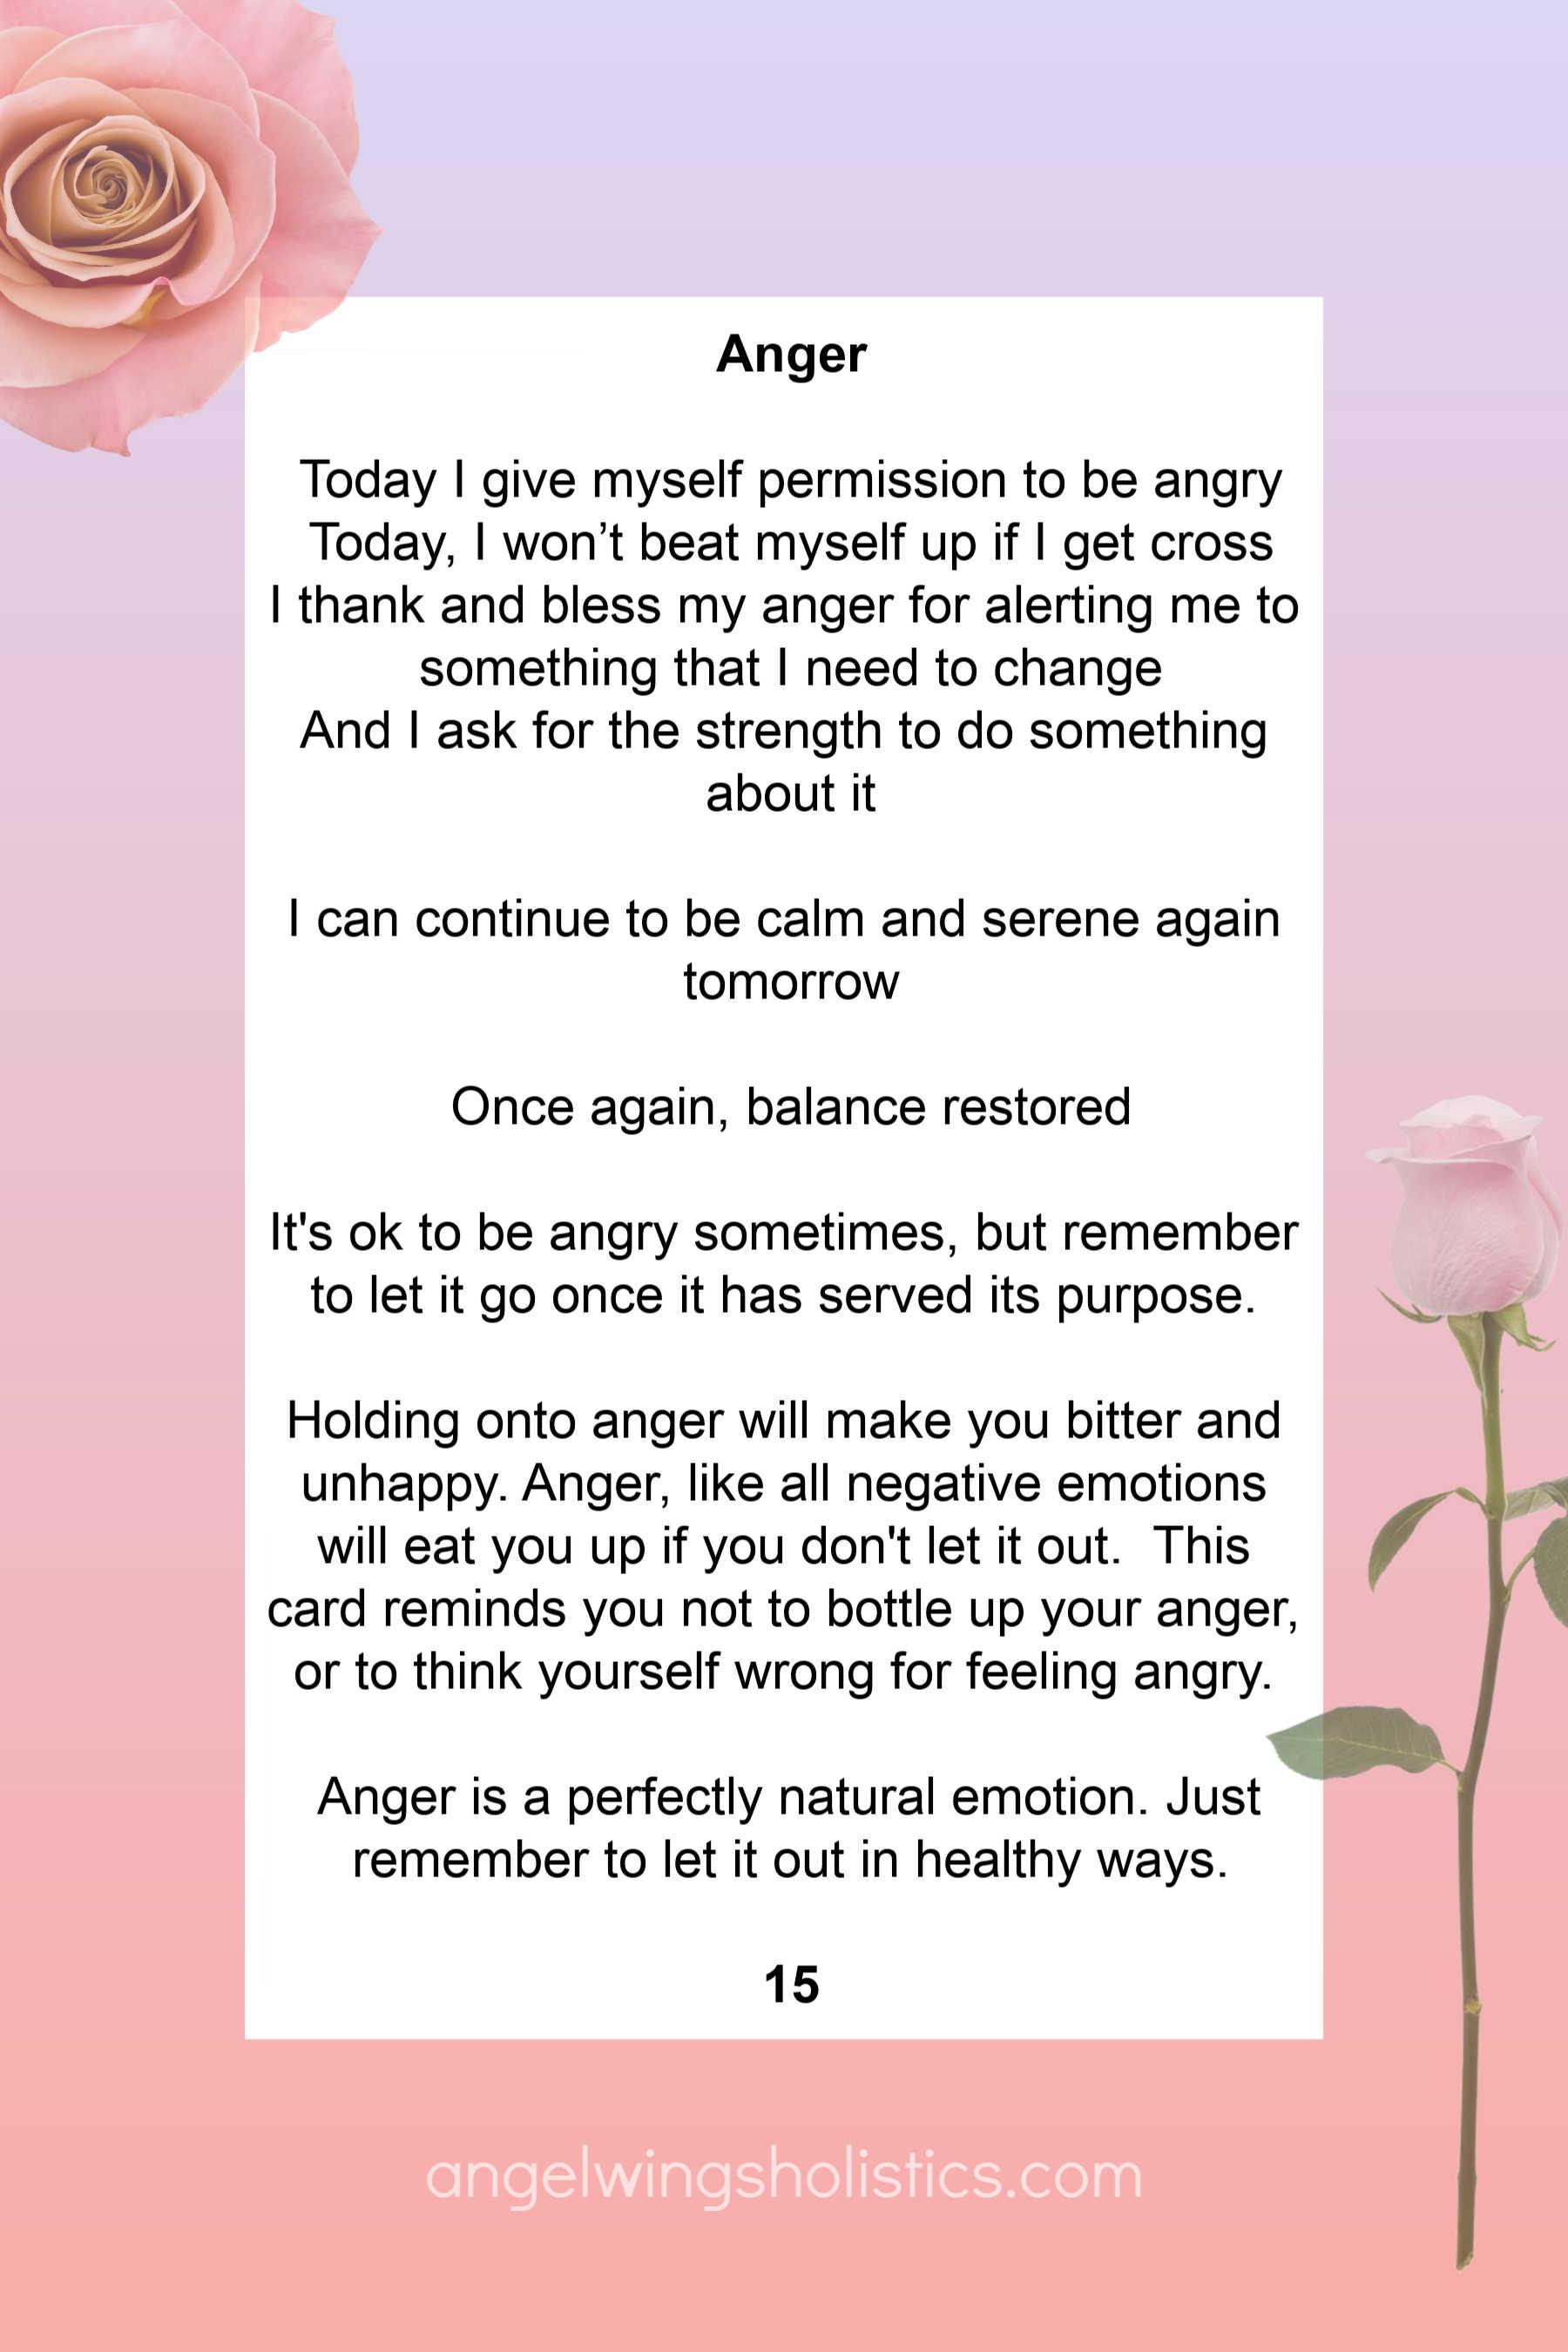 15-anger.jpg